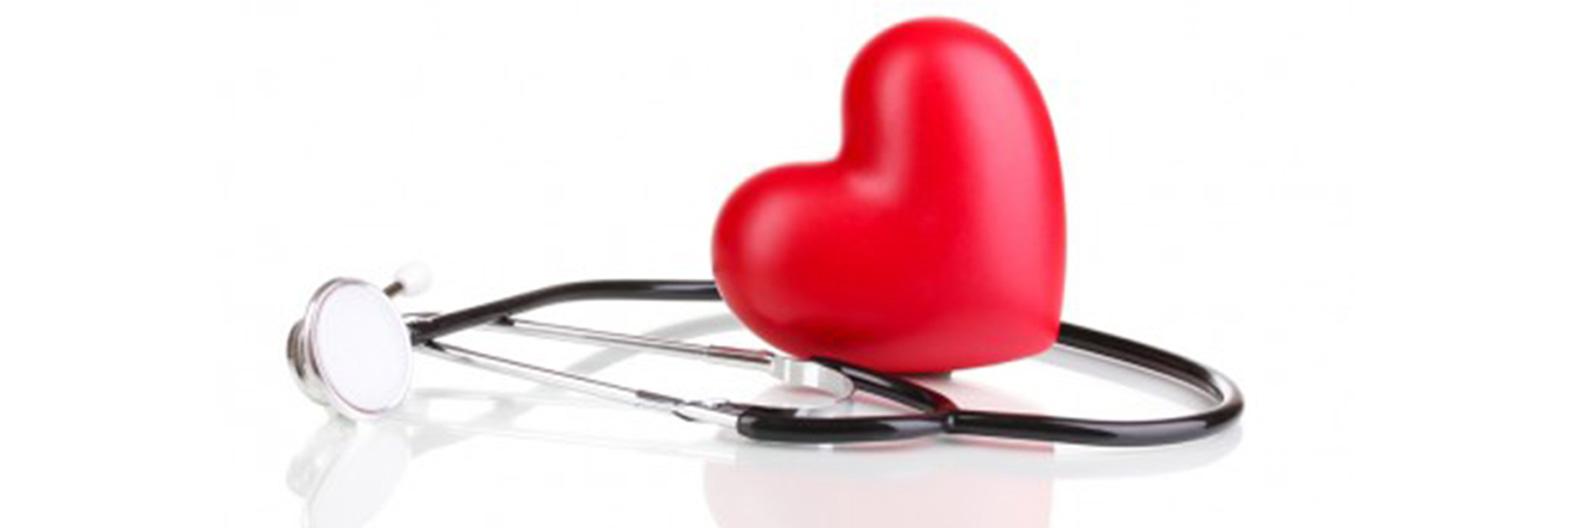 Kaip pasirinkti vaistus nuo hipertenzijos | jusukalve.lt